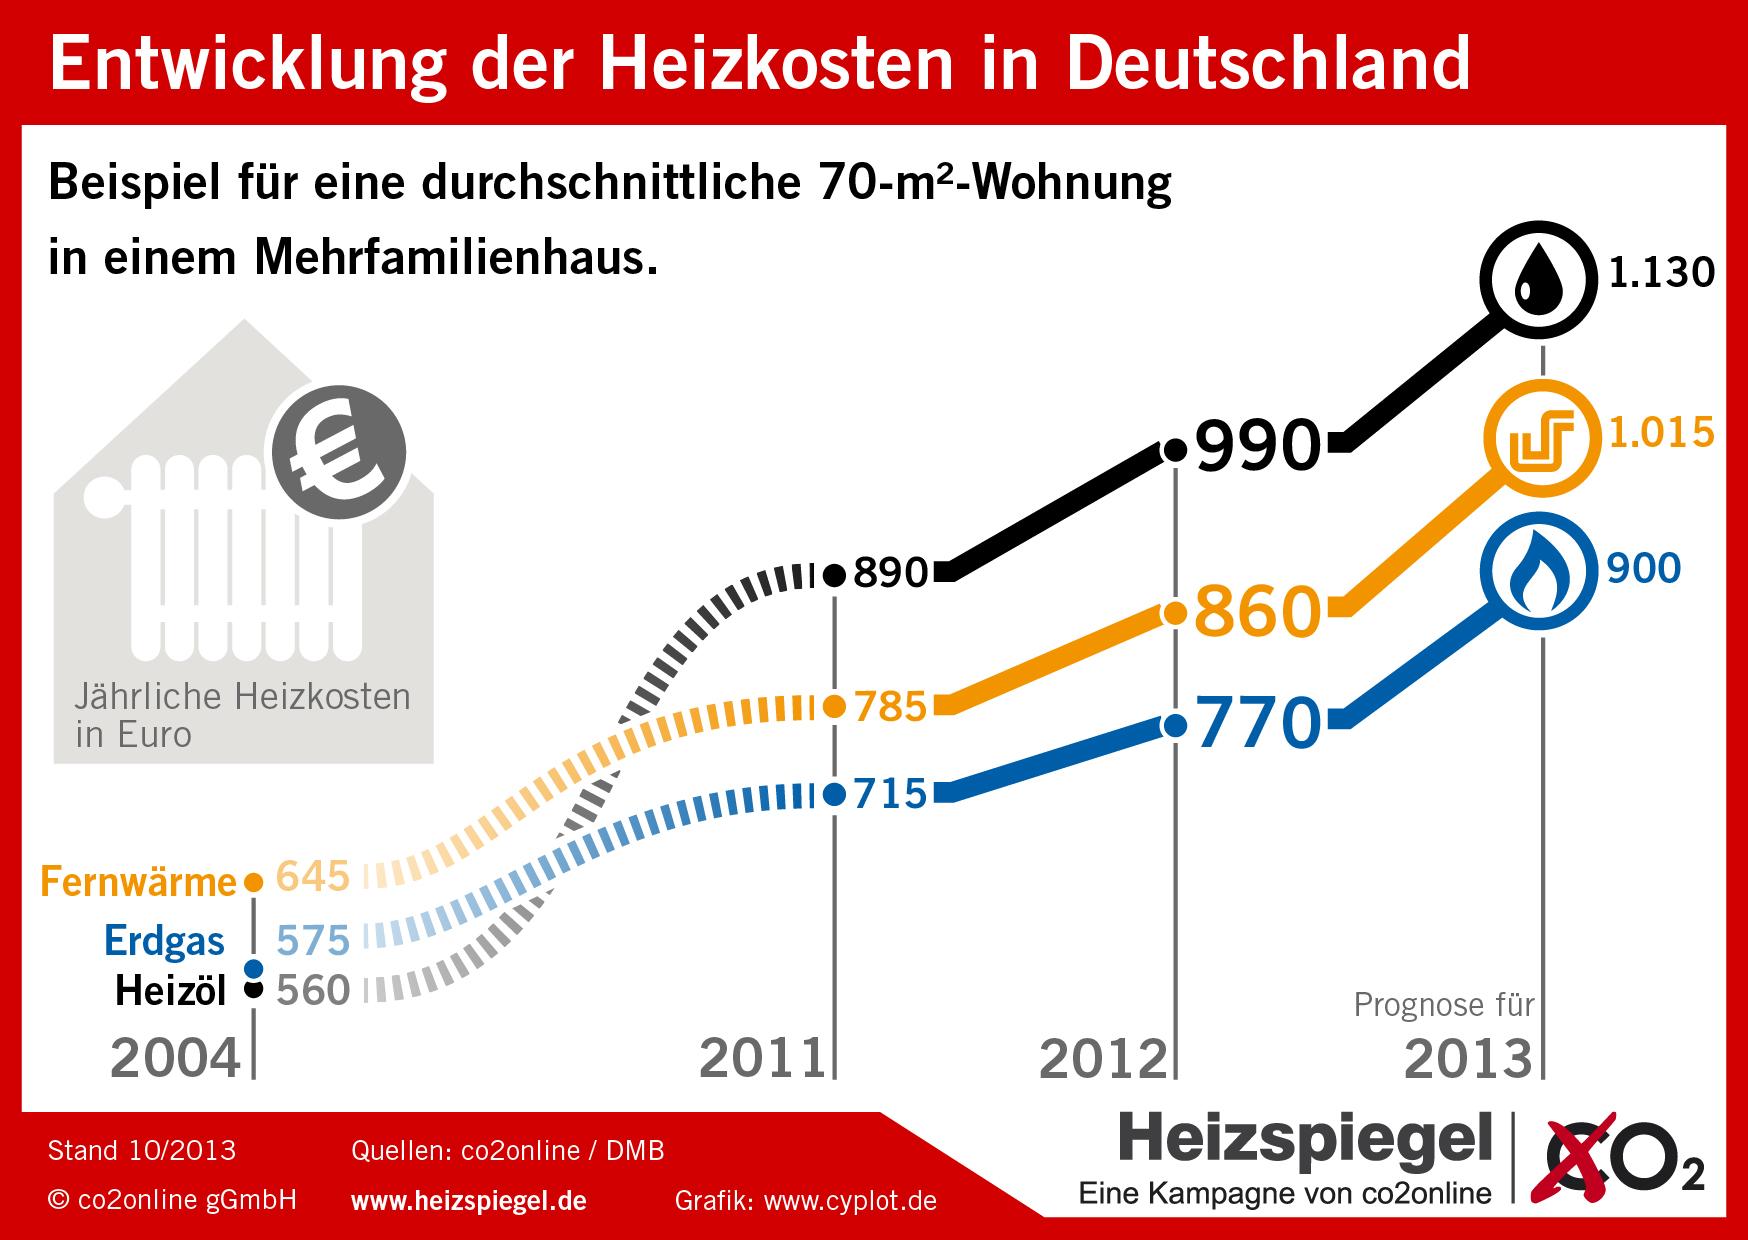 Energieverbrauch und Kosten für Heizung in 2012 um 9 Prozent gestiegen